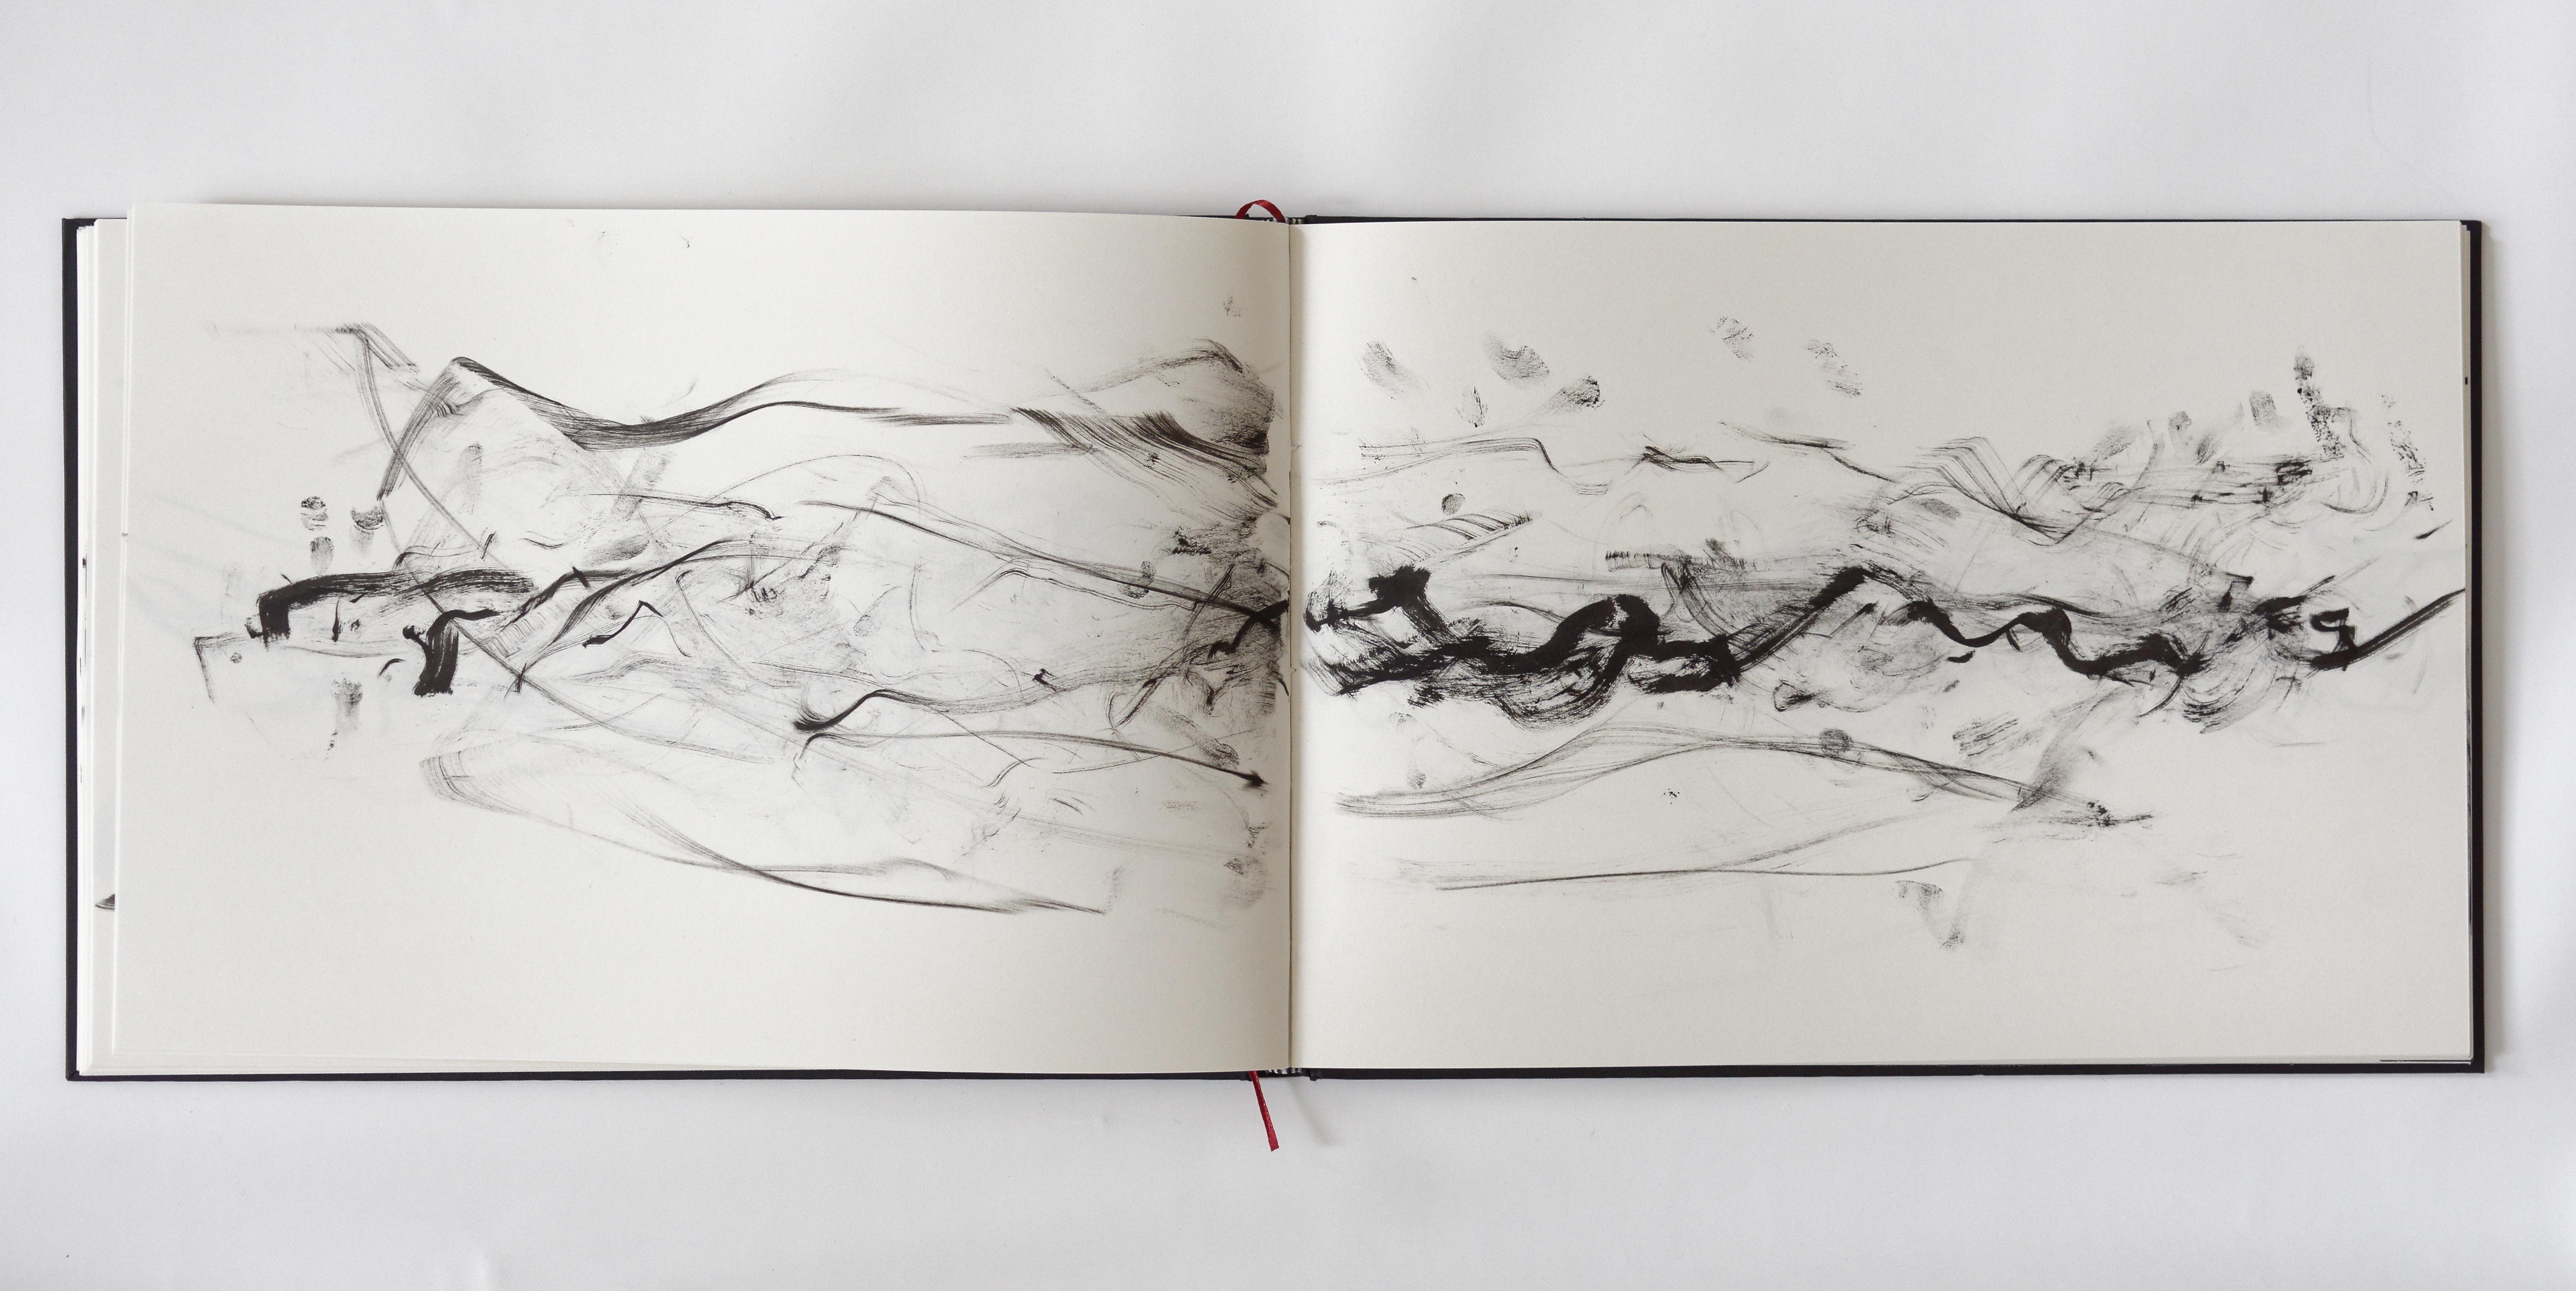 Axel Malik, Bibliothek der unlesbaren Zeichen, 2016